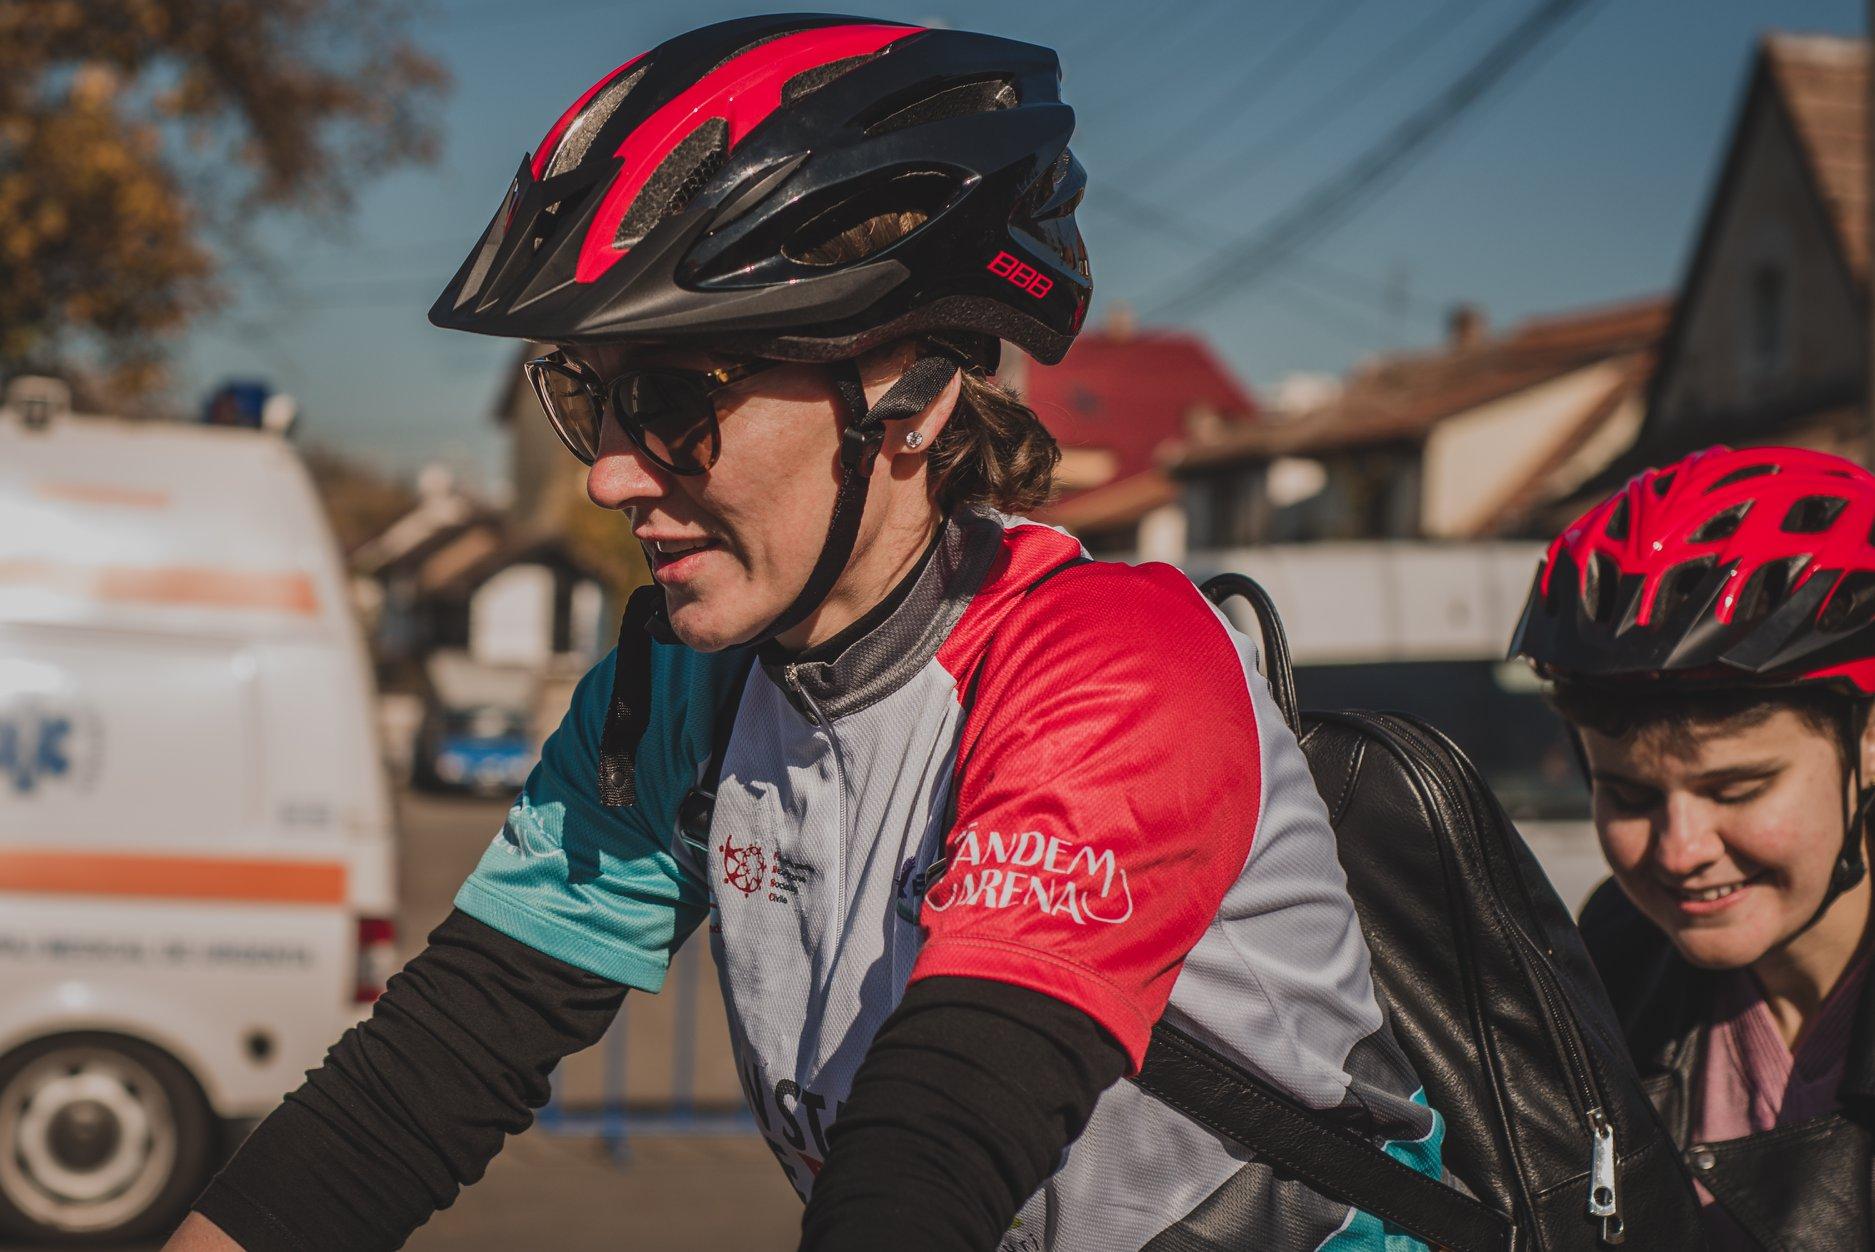 Sus pe bicicletă: Care ochelari sunt pentru ciclism?